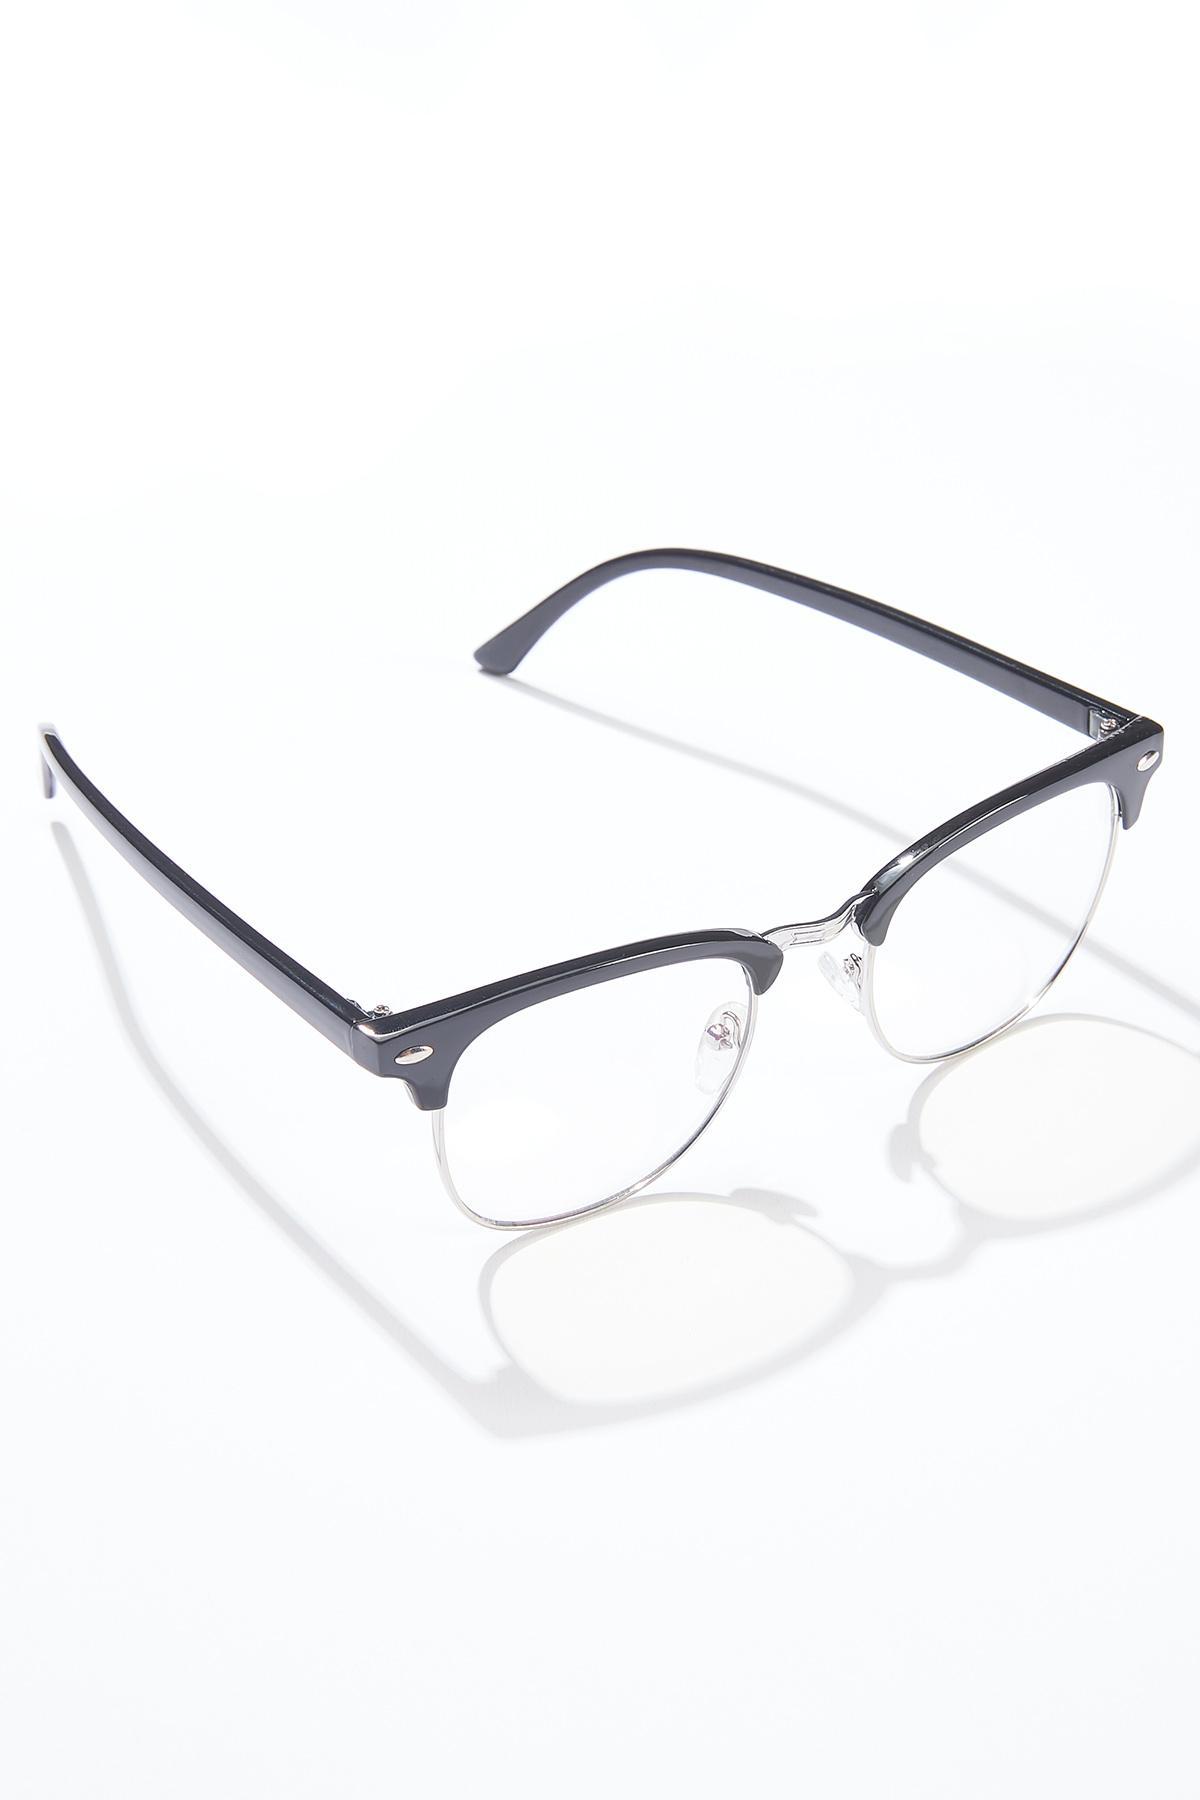 Black Temple Blue Light Glasses (Item #44629680)